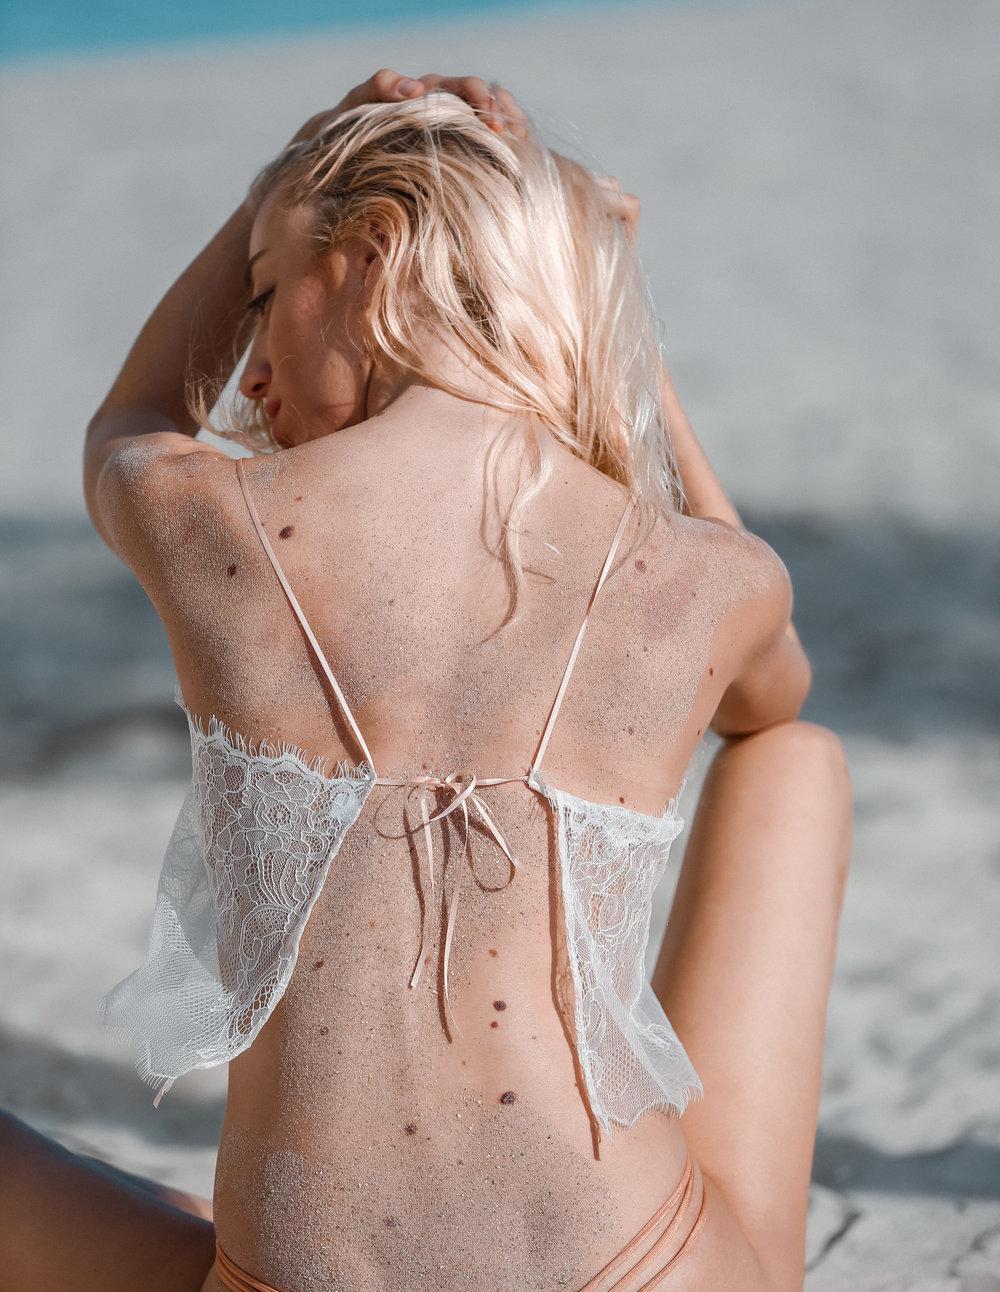 I Am Zazie Swimwear White Aurora Chantilly Lace Crop Sheer Top Apres-Beach Apres-Swim Backless